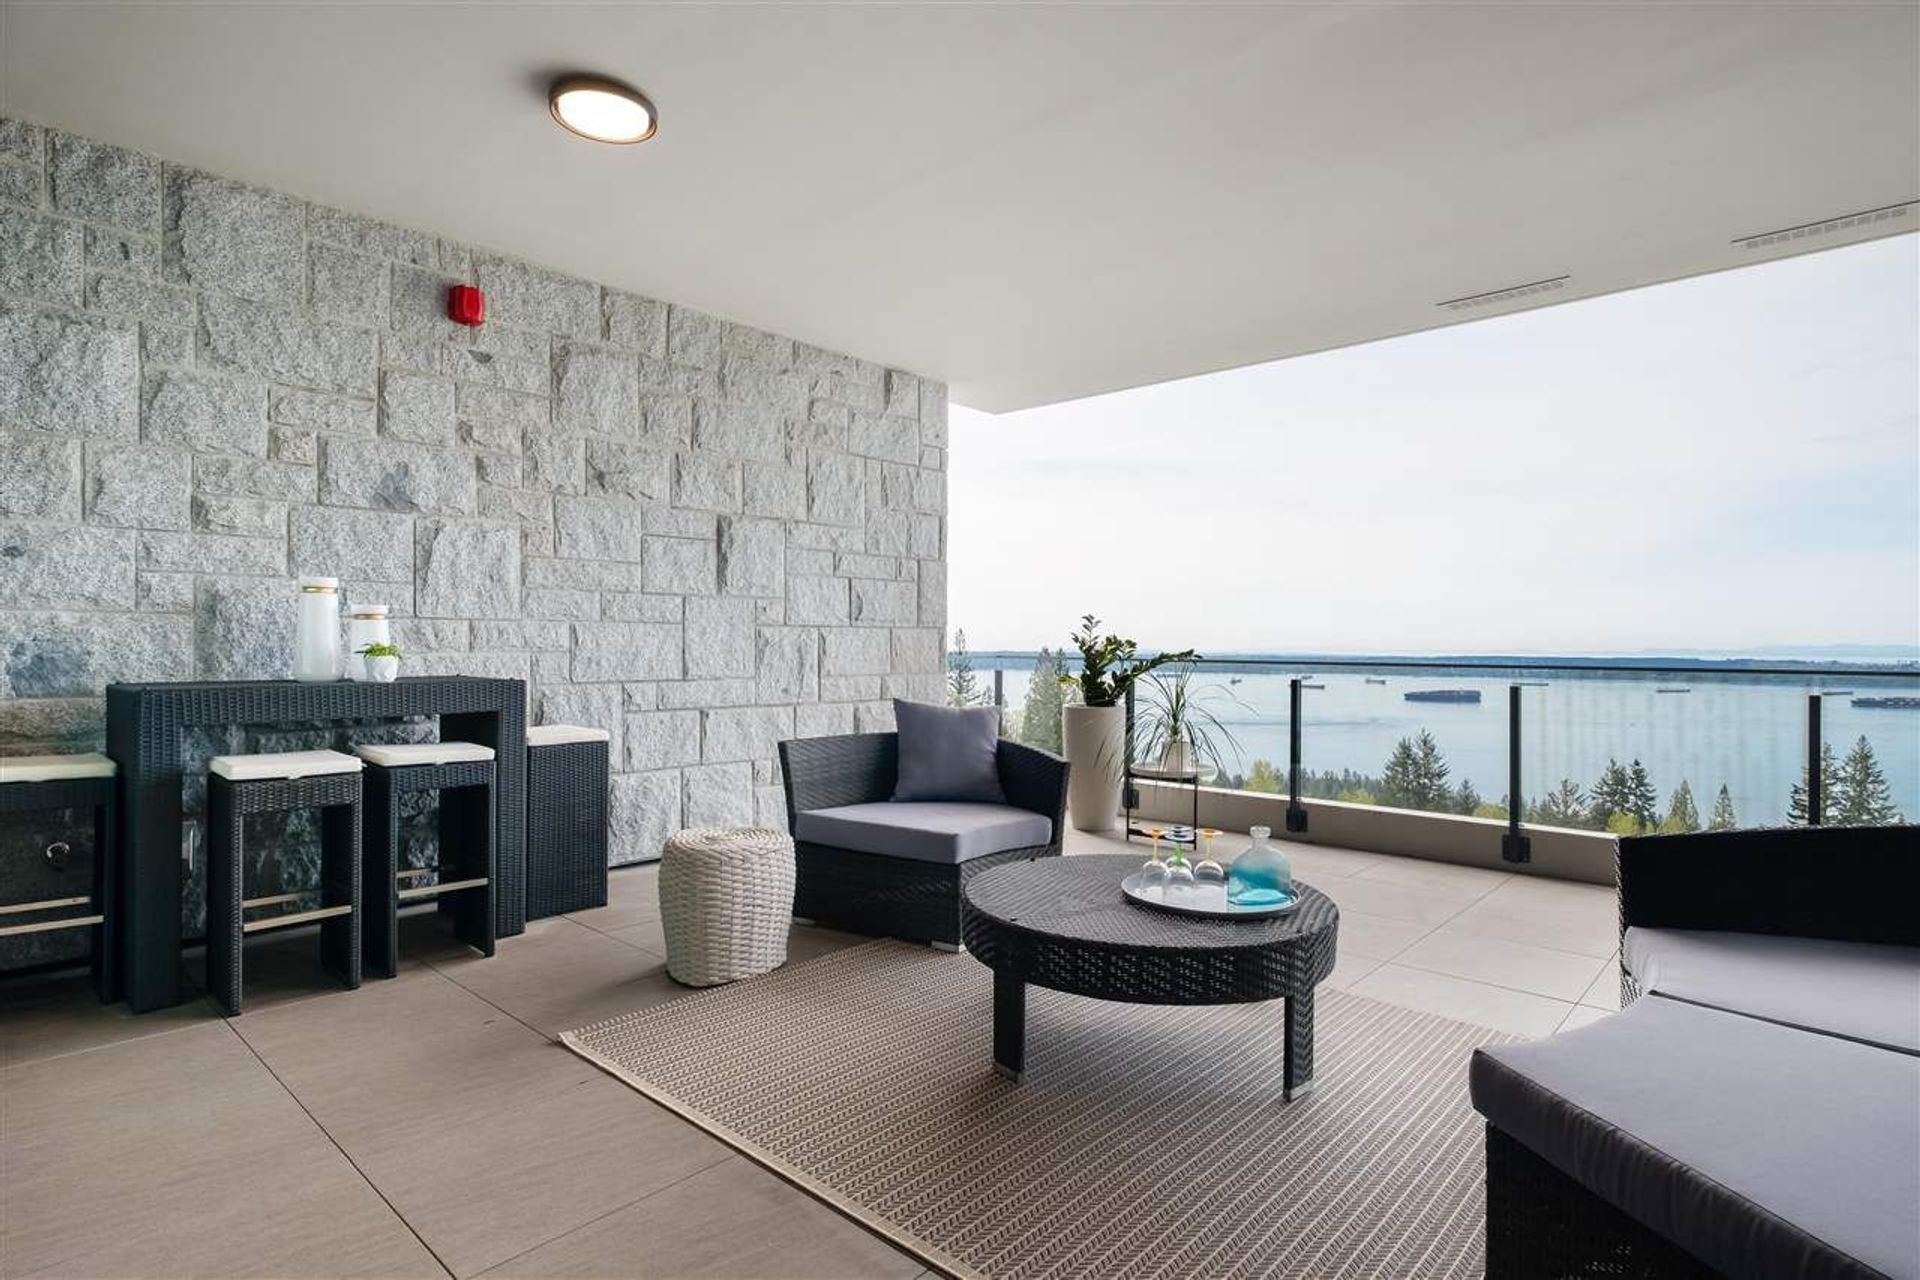 2958-burfield-place-cypress-park-estates-west-vancouver-28 at 302 - 2958 Burfield Place, Cypress Park Estates, West Vancouver